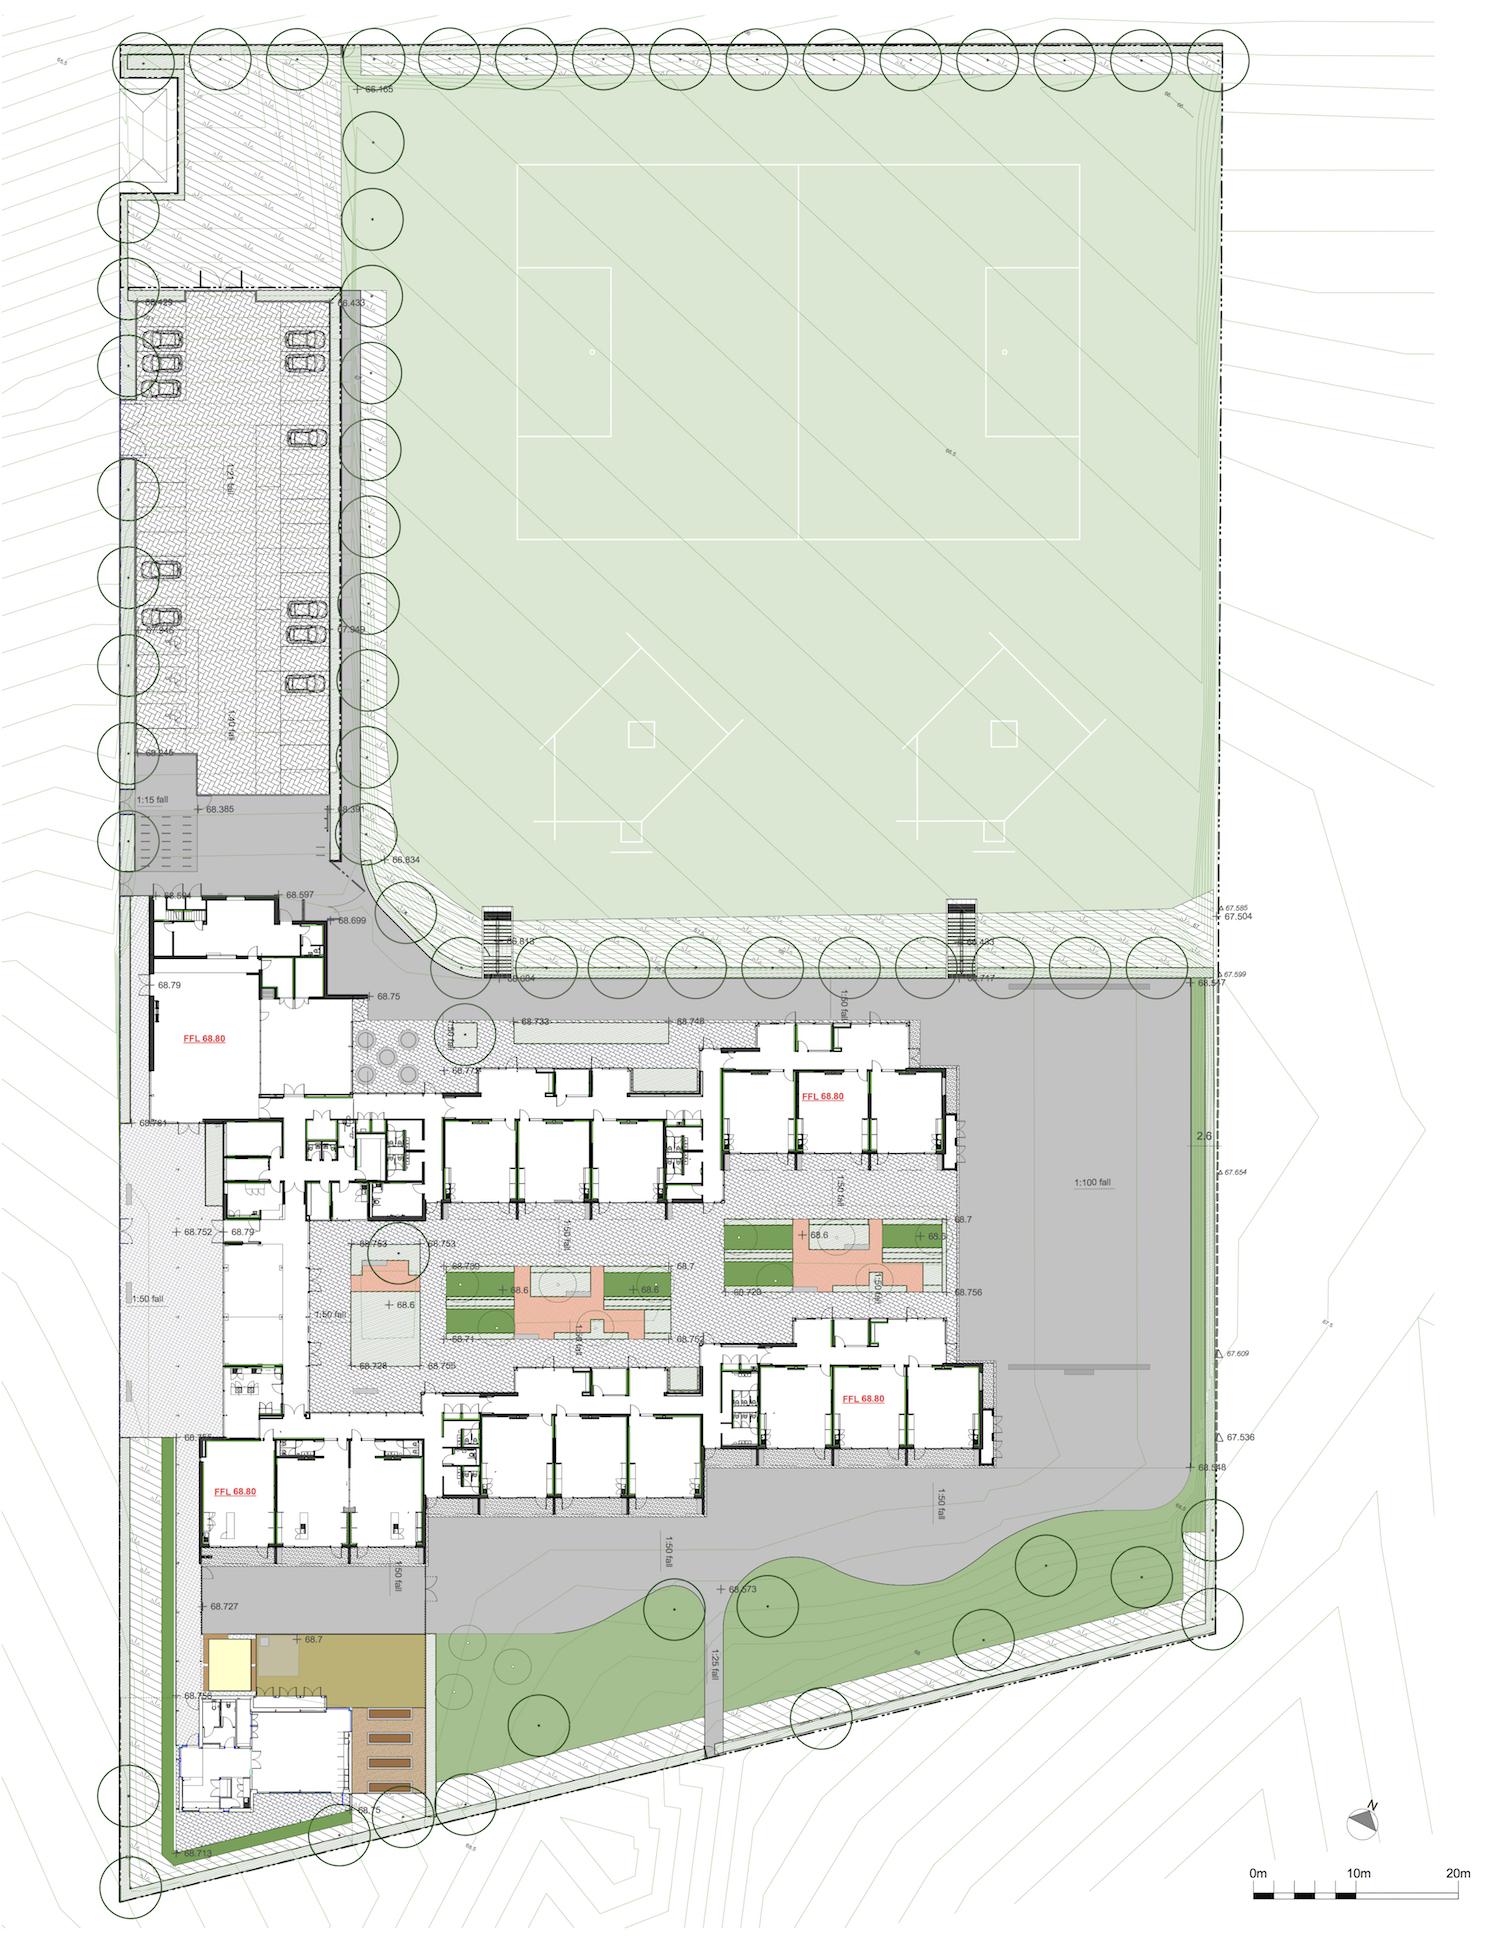 Barton Farm Primary School Design Plan 01.jpg